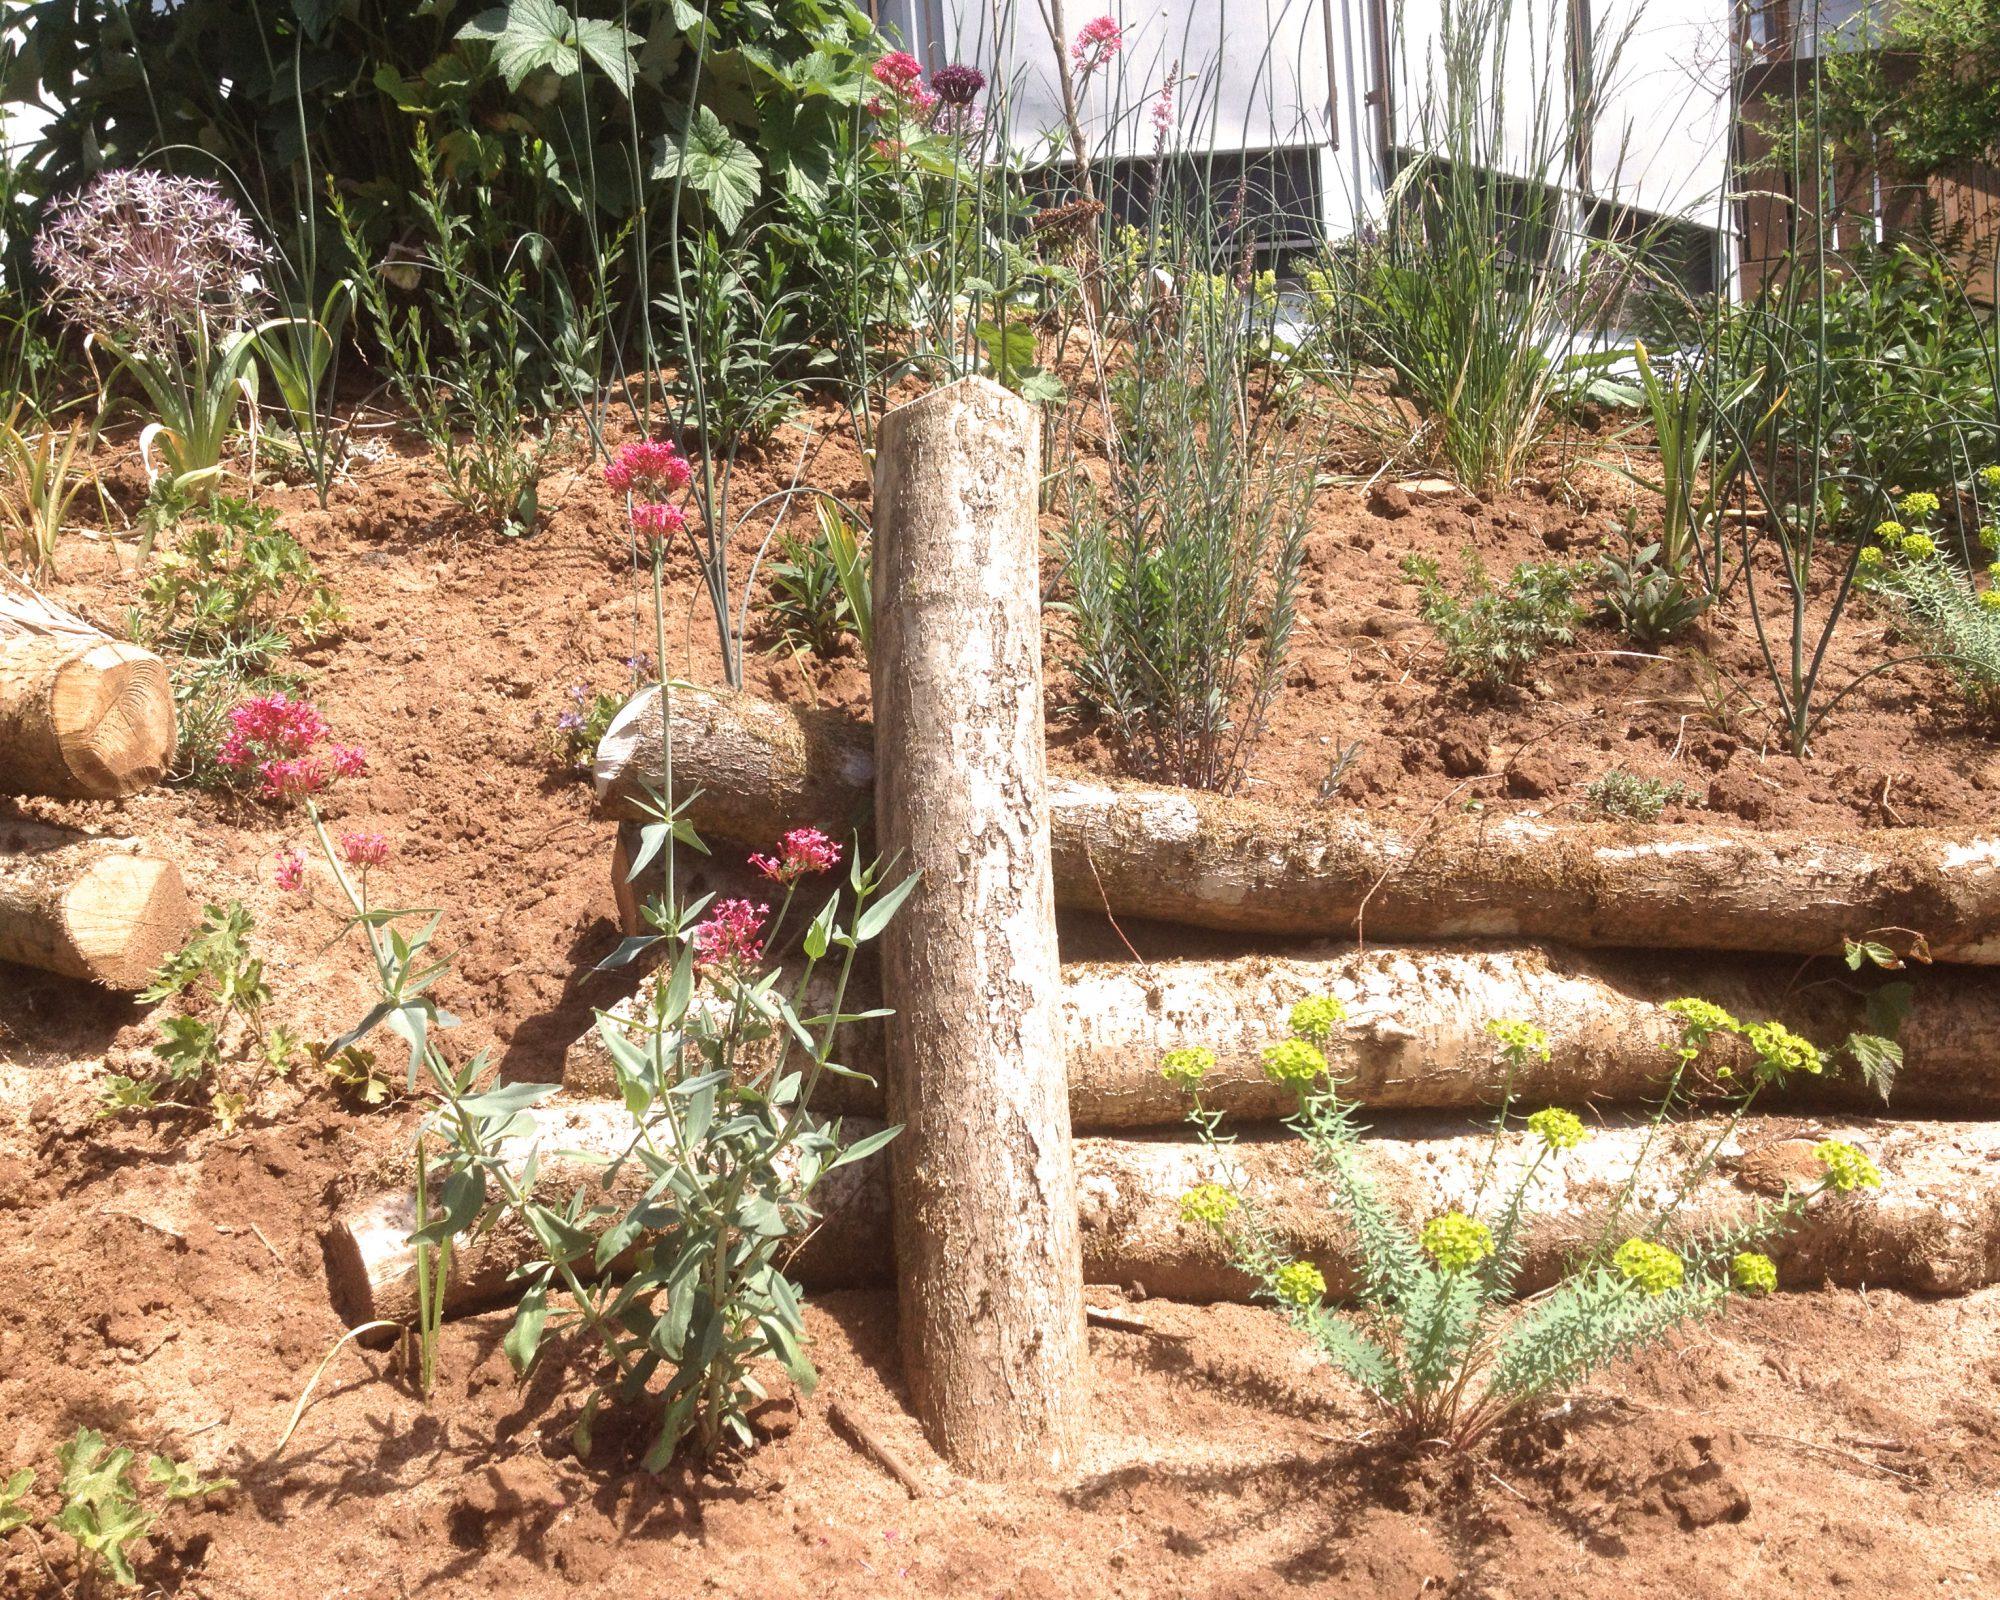 Holzverbauung und Bepflanzung